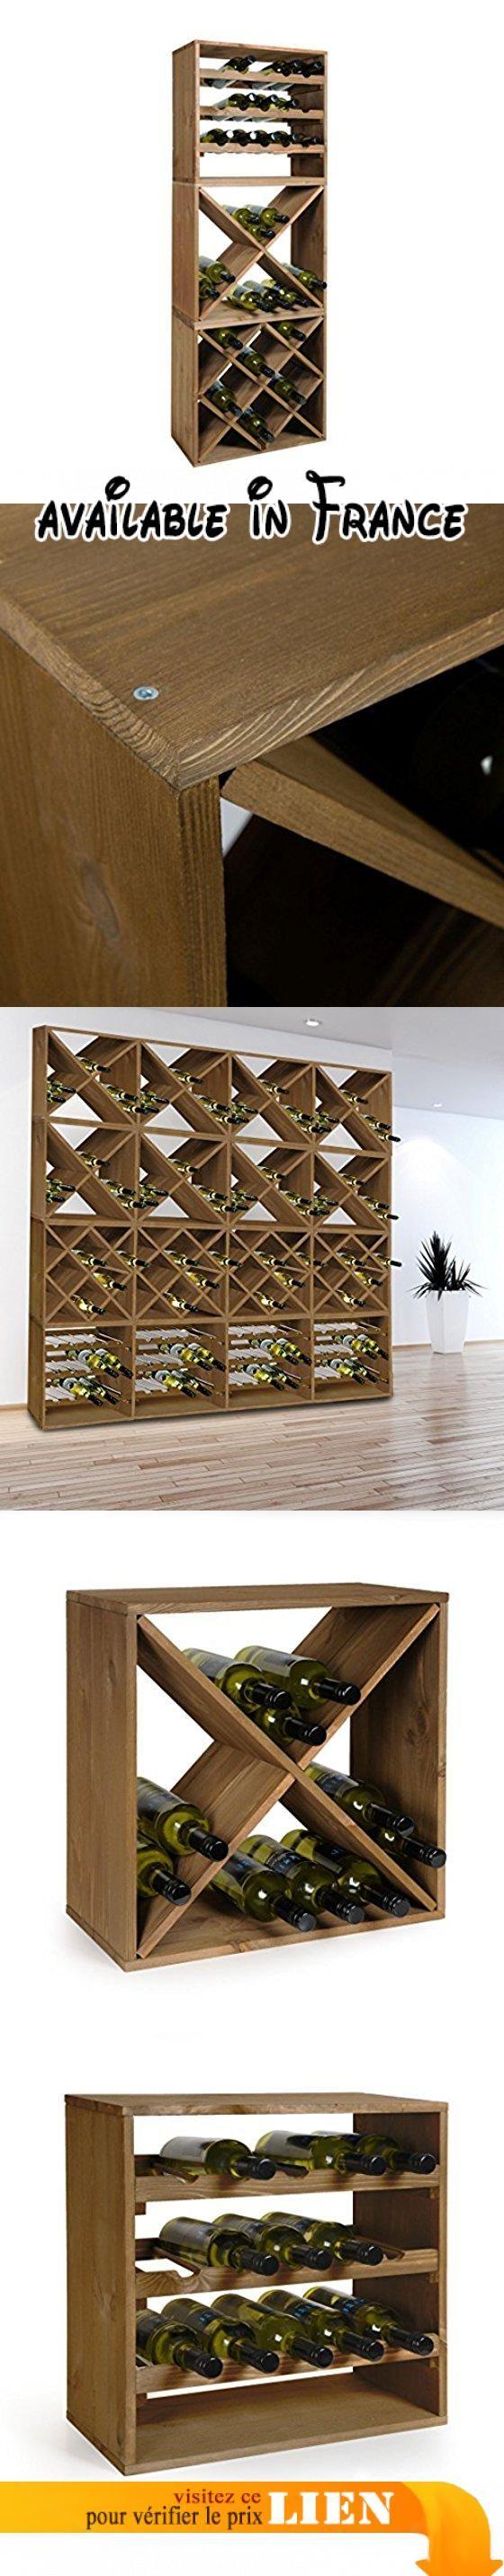 Système d' étagère à vin CUBE 50, en bois massif, tobacco, Kit de 3, Losange, croix et standard, H 150 x L 50 x P 25 cm. Mesure: H 150 x L 50 x P 25 cm. Construction solide en bois. Différents modules au choix. Nos meilleures ventes d'étagères à vin en bois!. Le montage est un jeu d'enfants #BISS Basic #MATERIAL_HANDLING